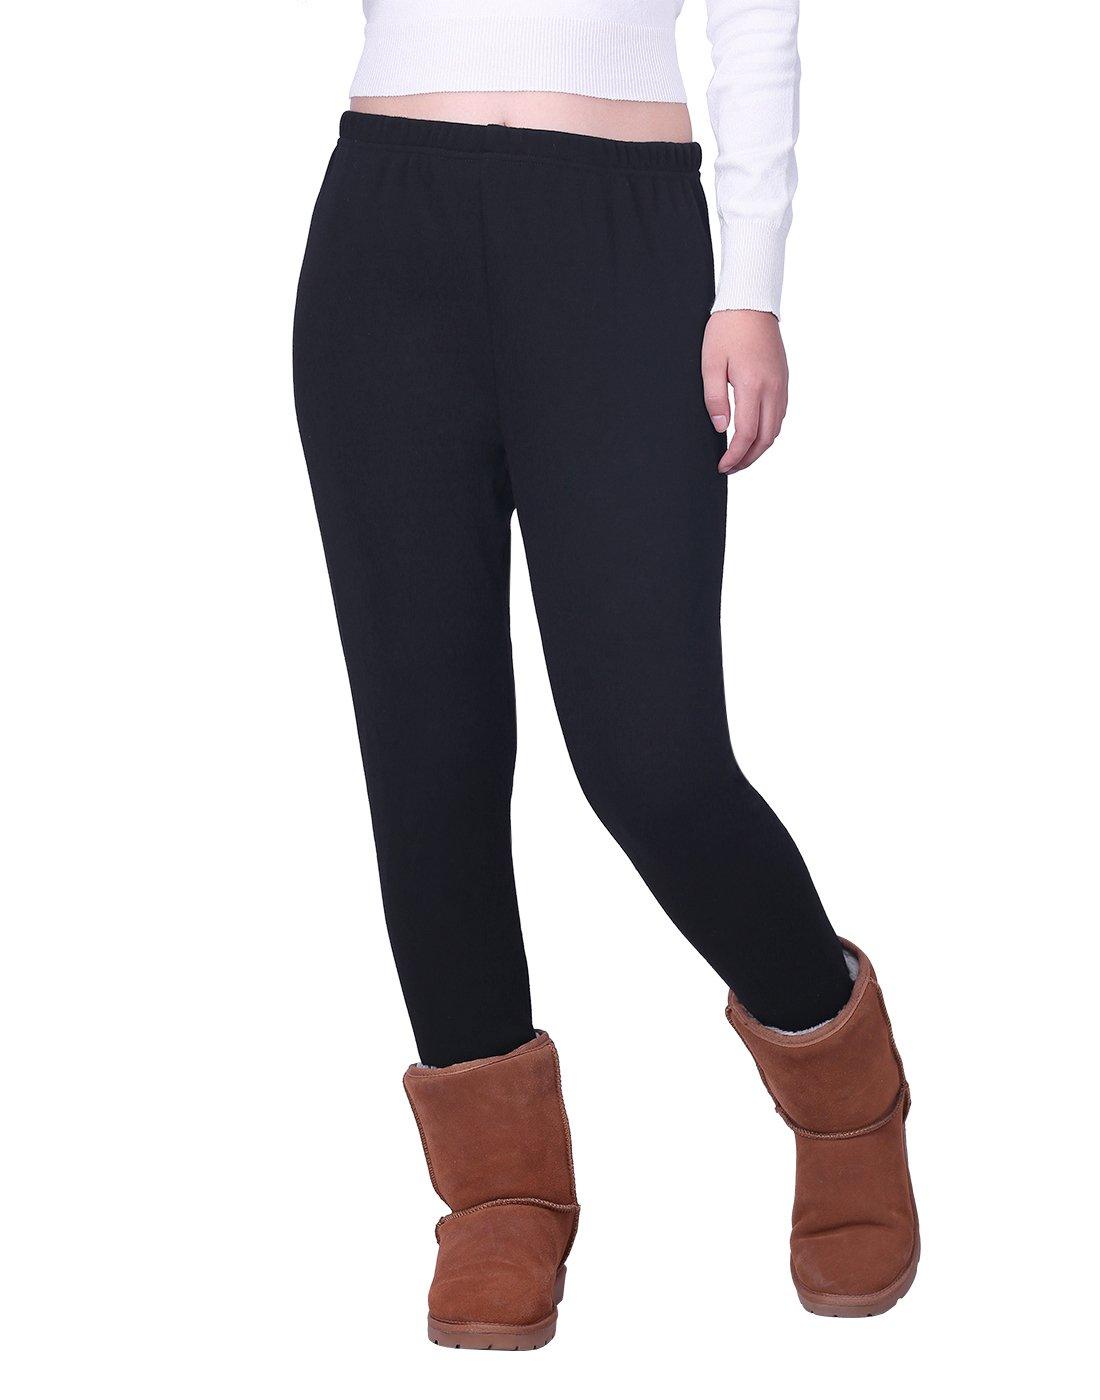 HDE 女式冬季打底裤保暖羊毛内衬保暖高腰图案裤子